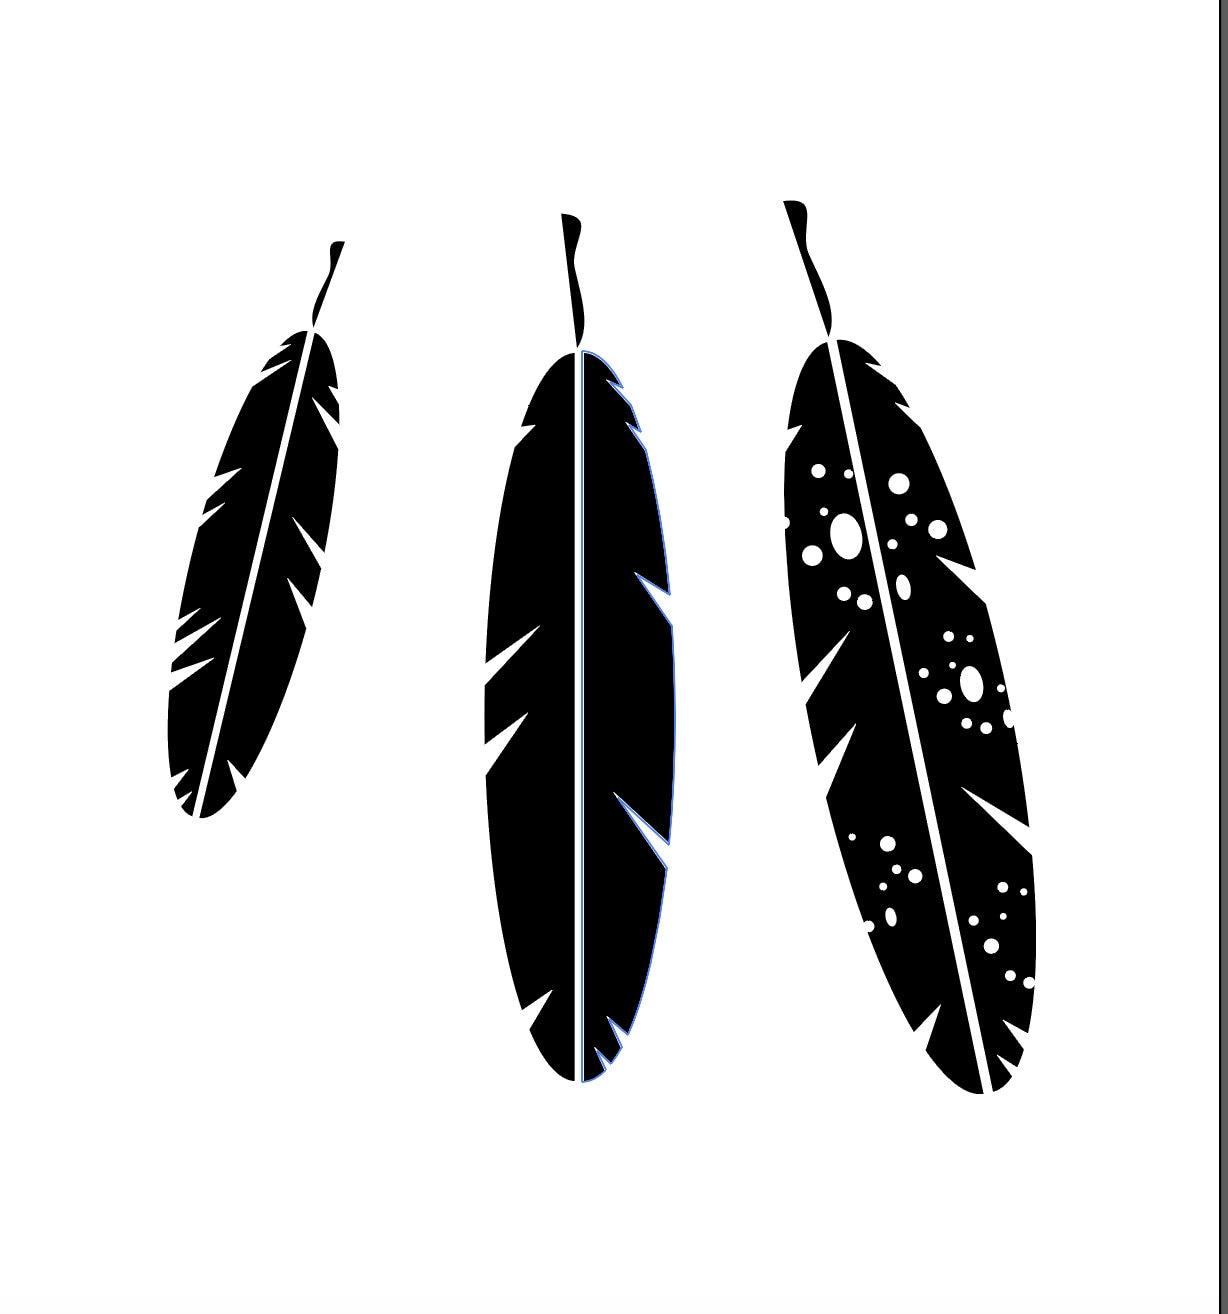 Feather Svg File Feathers Svg File Feathers Cut File Boho